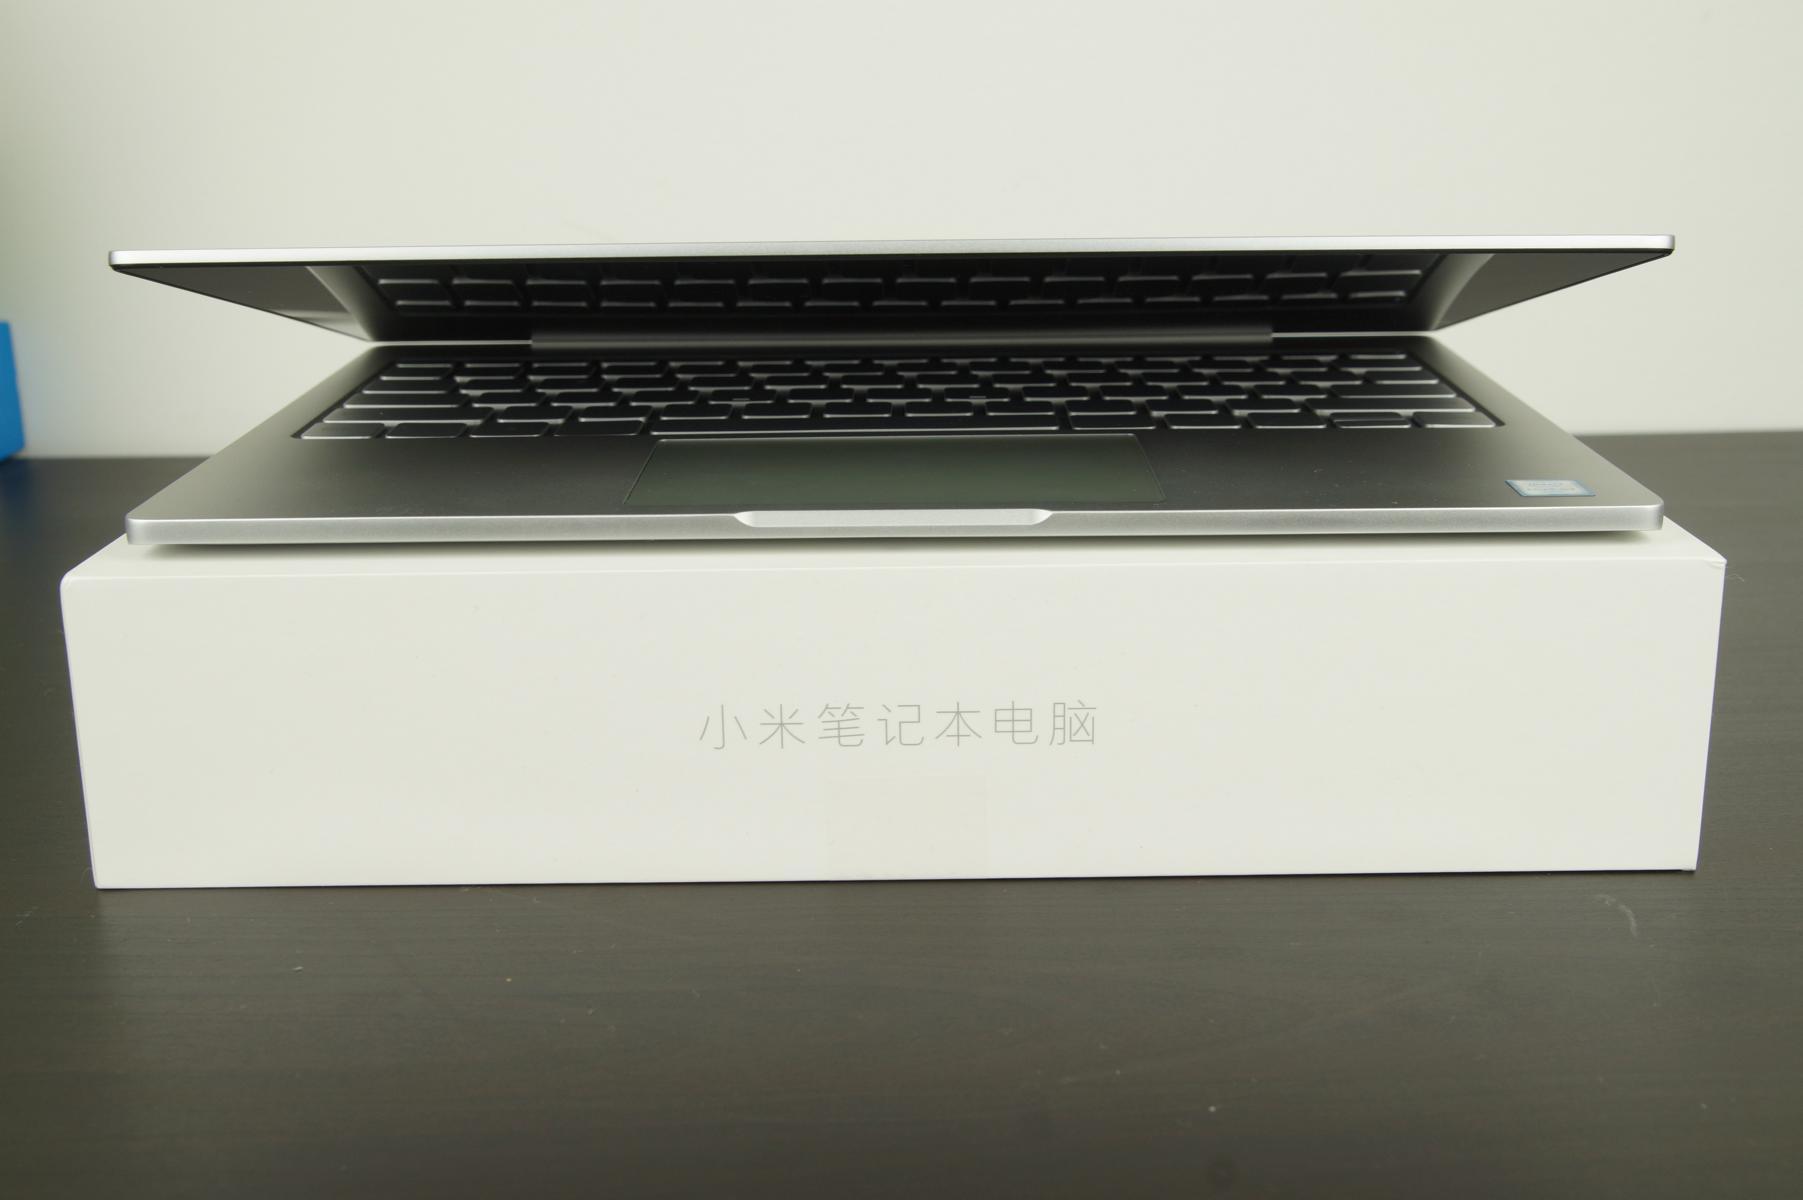 xiaomi-mi-notebook-air-vorderseite-augeklappt